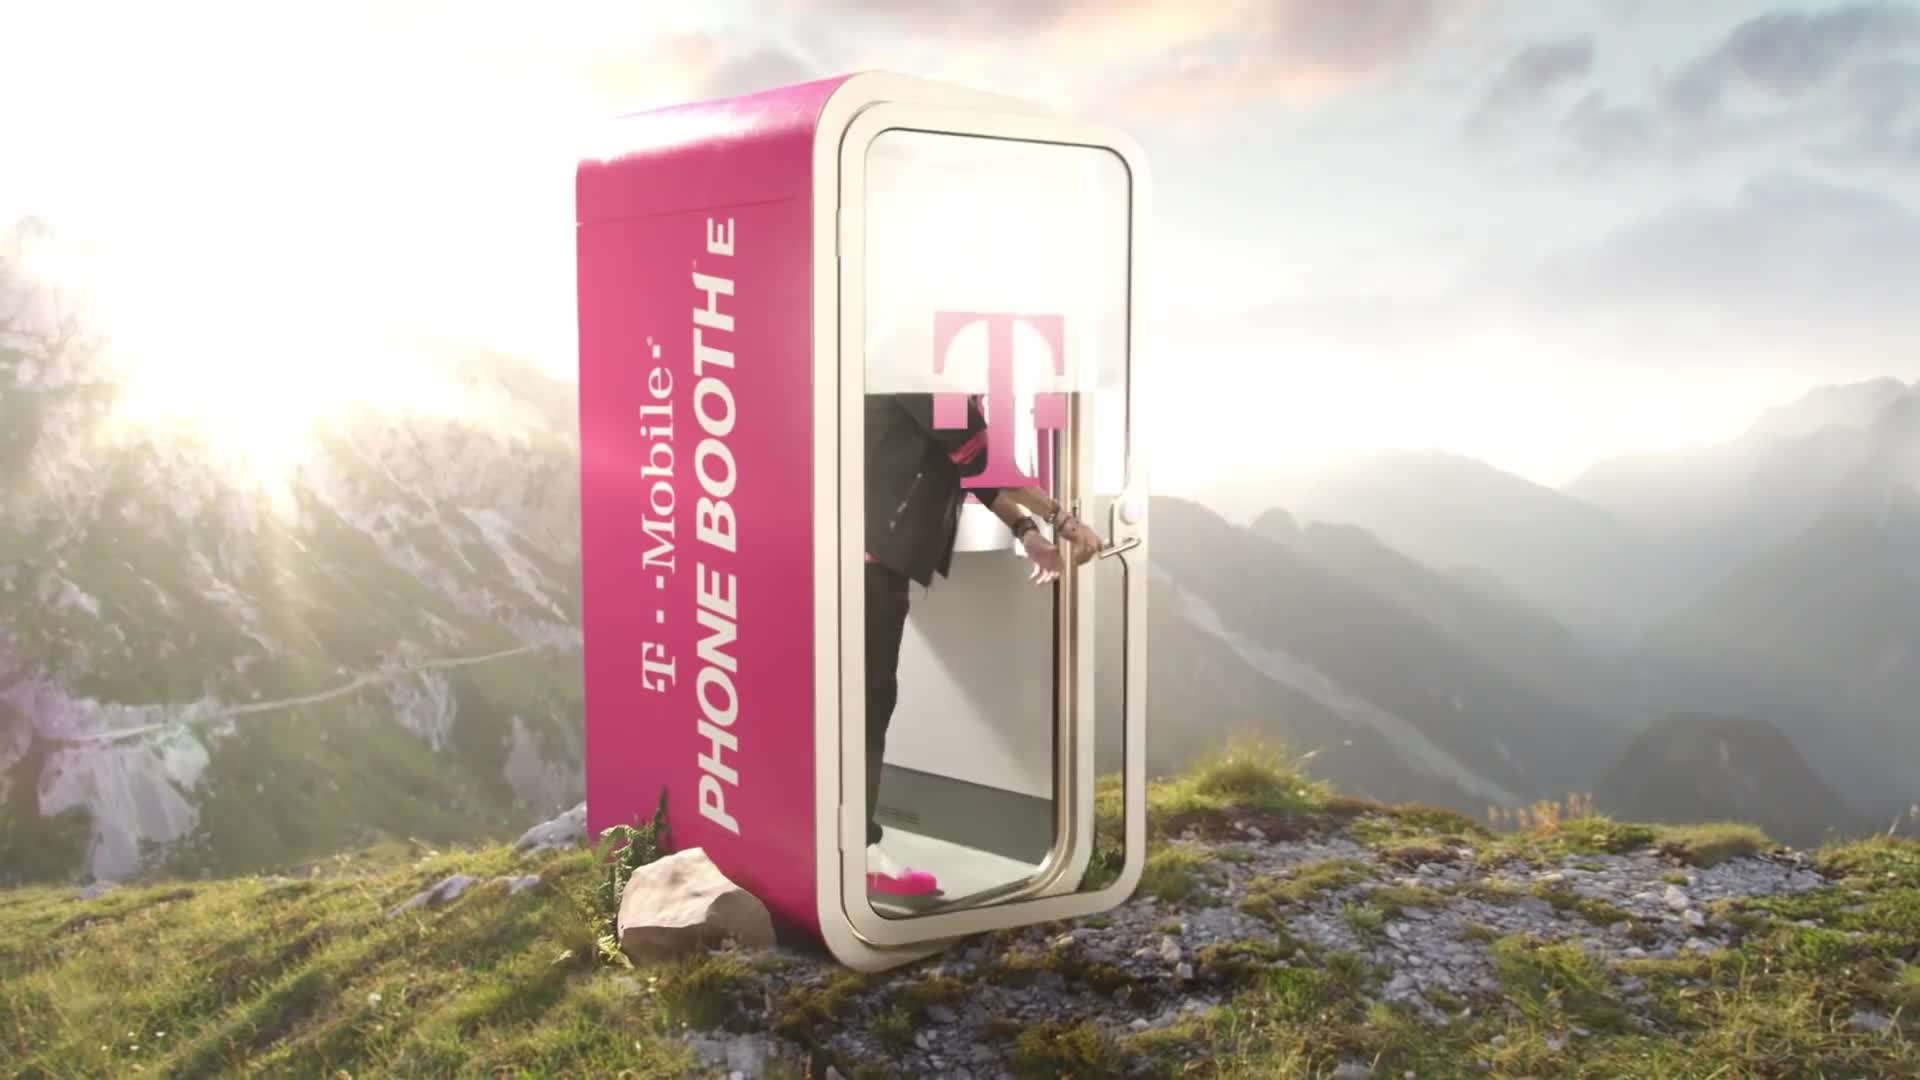 Werbespot, T-Mobile, Aprilscherz, T-Mobile USA, BoothE